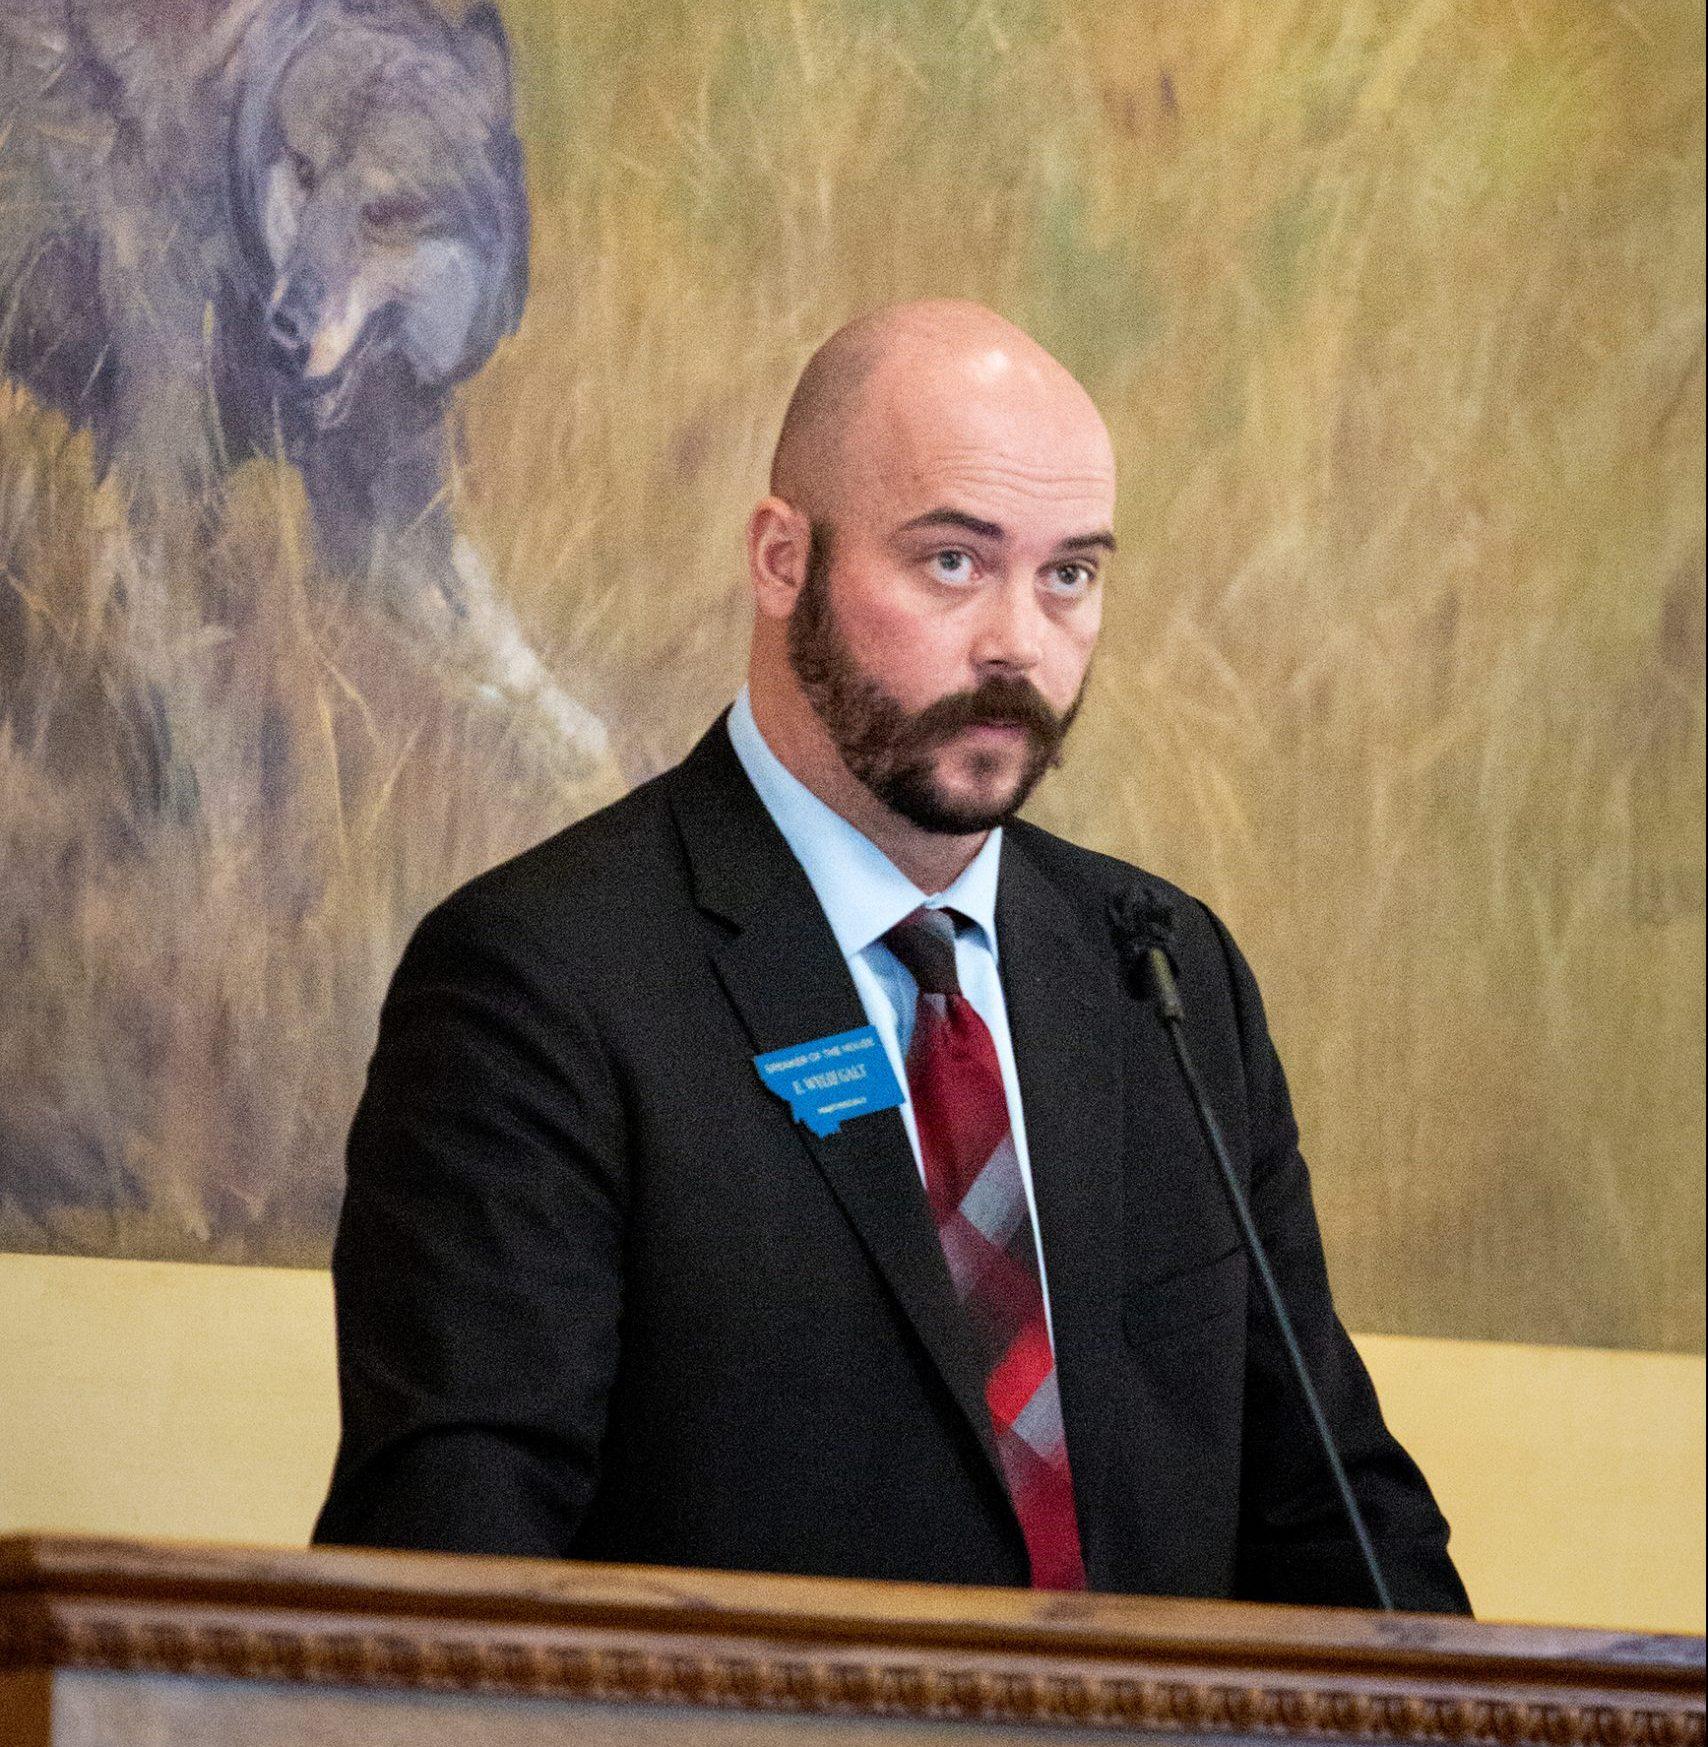 Elk management bill drives debate around class, public lands access